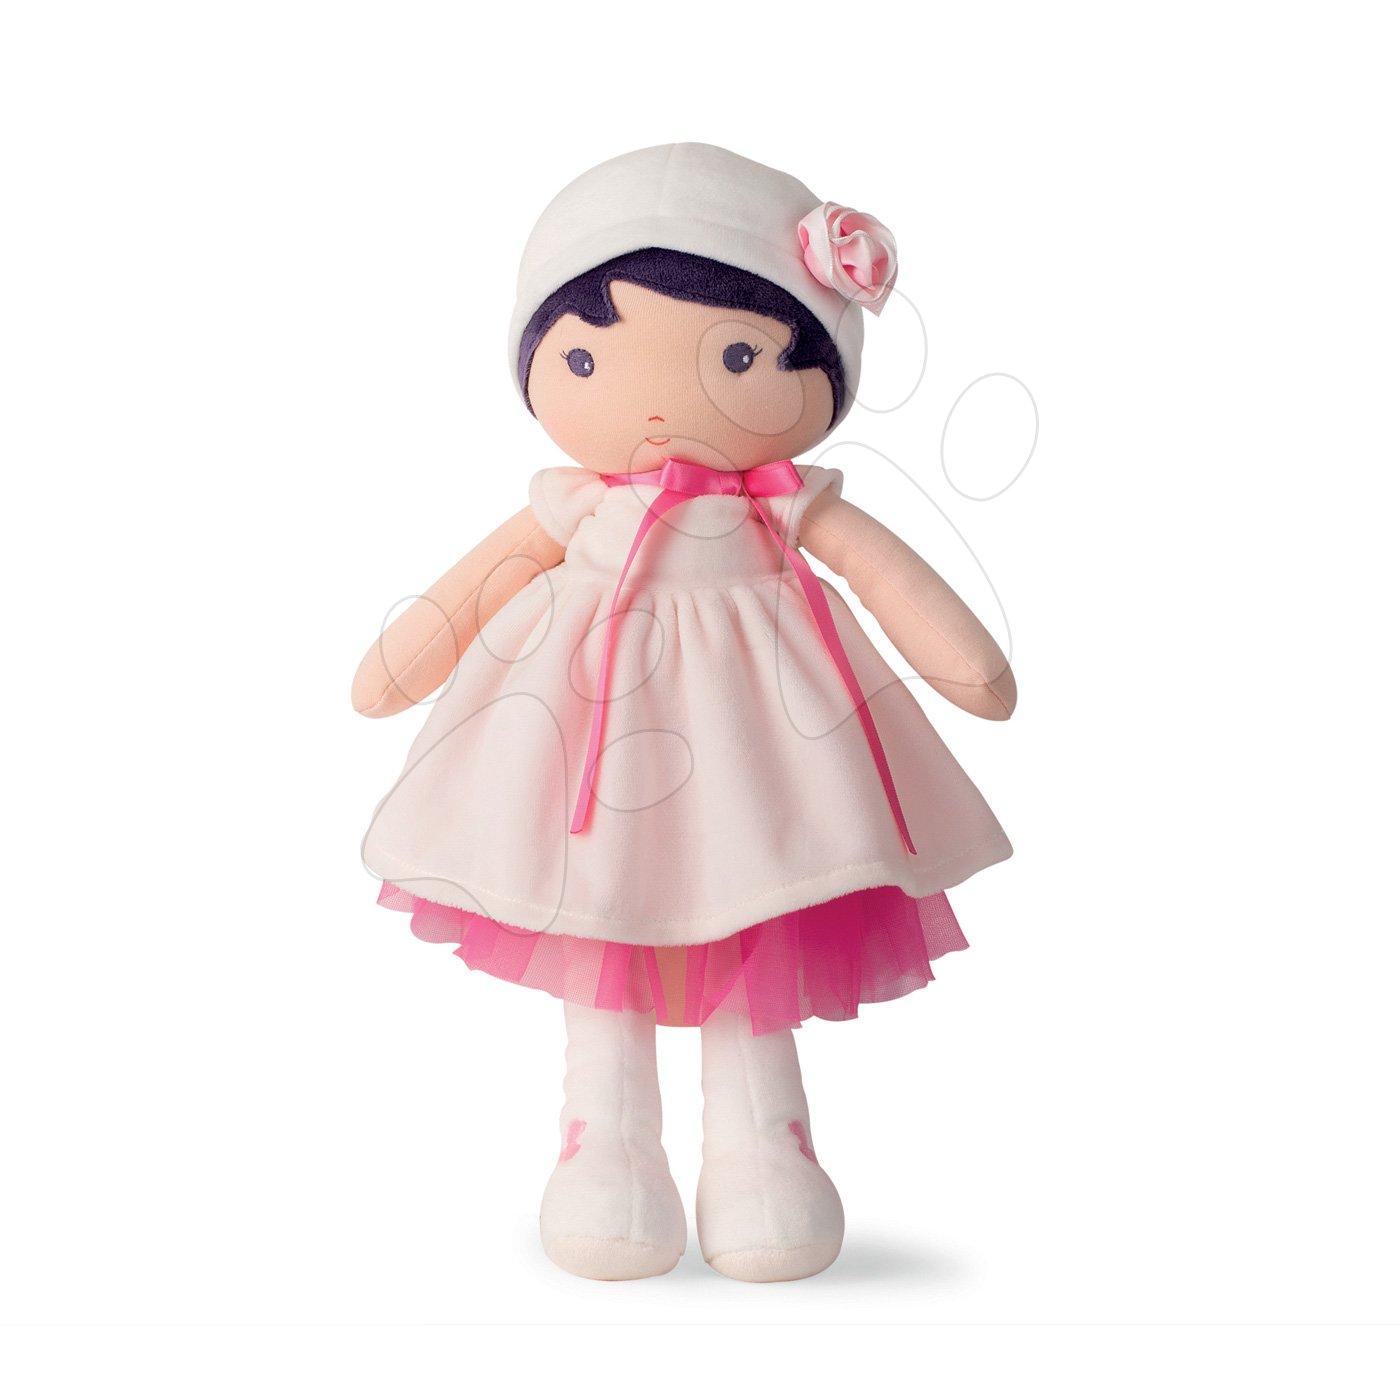 Bábika pre bábätká Perle K Tendresse Kaloo 40 cm v bielych šatách z jemného textilu v darčekovom balení